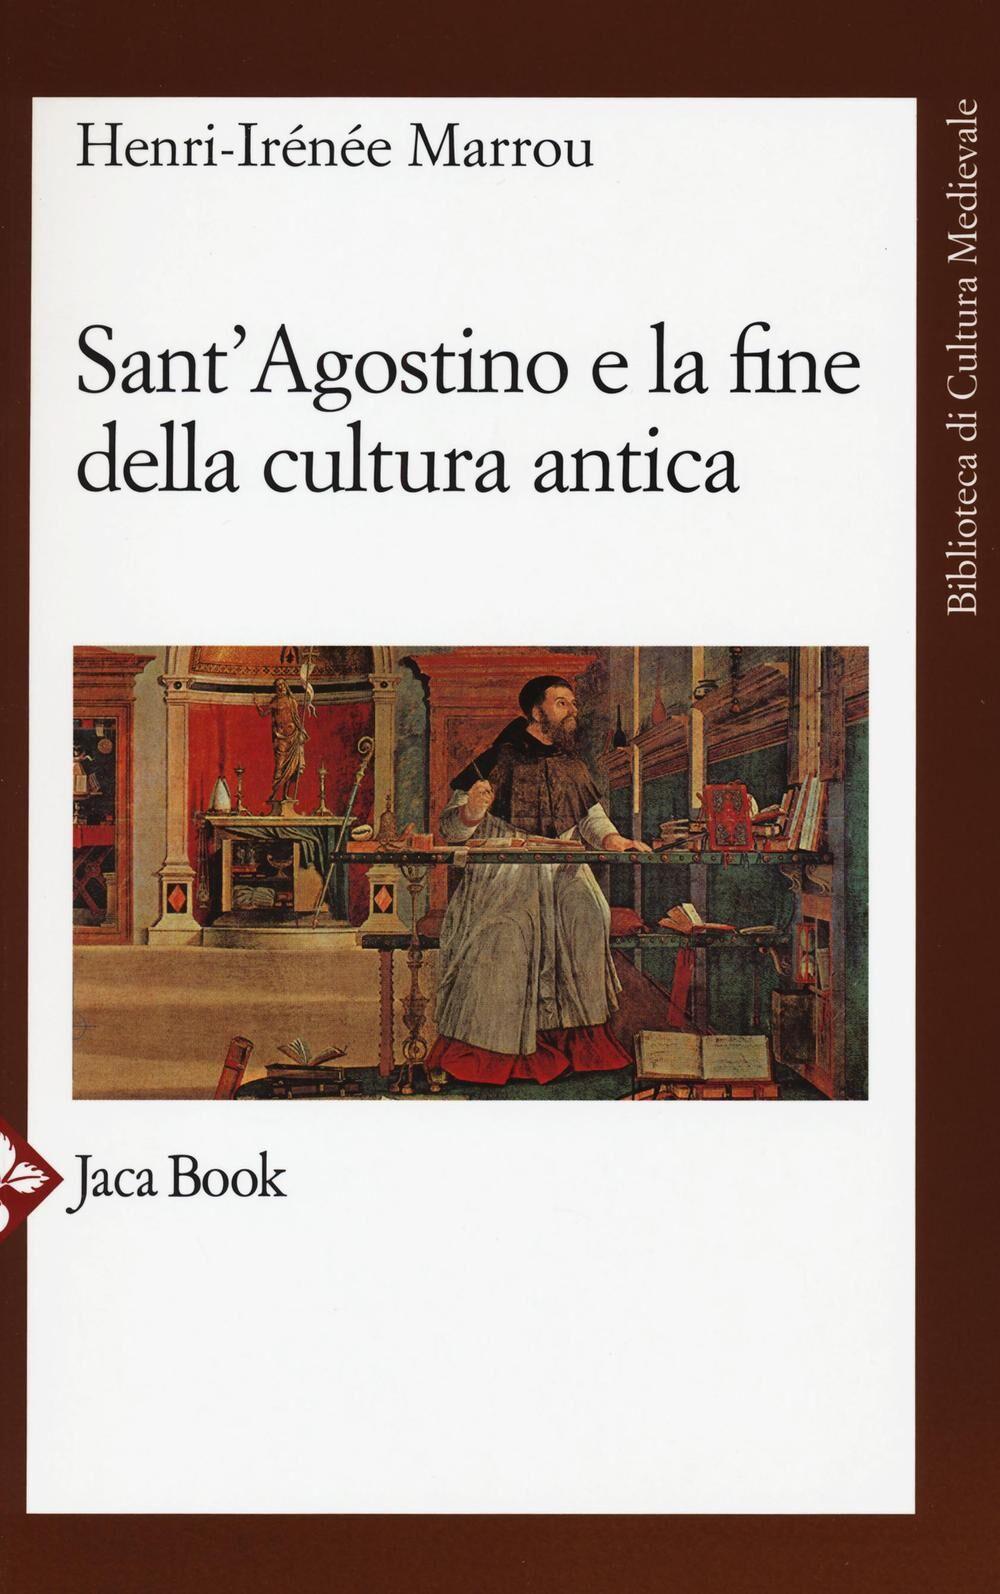 Sant'Agostino e la fine della cultura antica